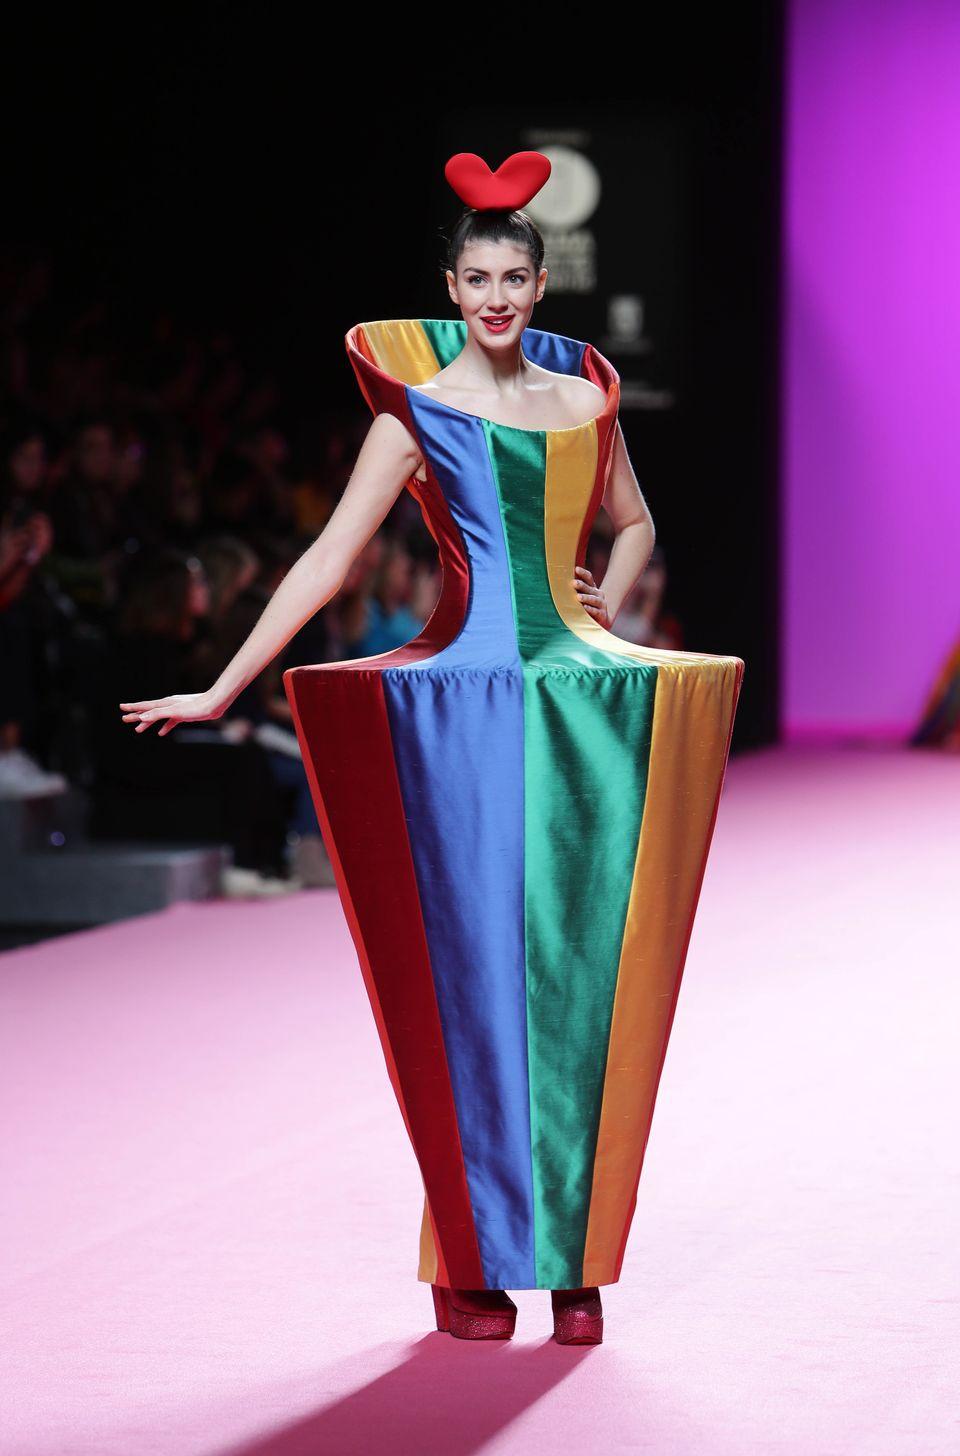 メルヘンすぎる「ドーナツドレス」がファッションショーに登場